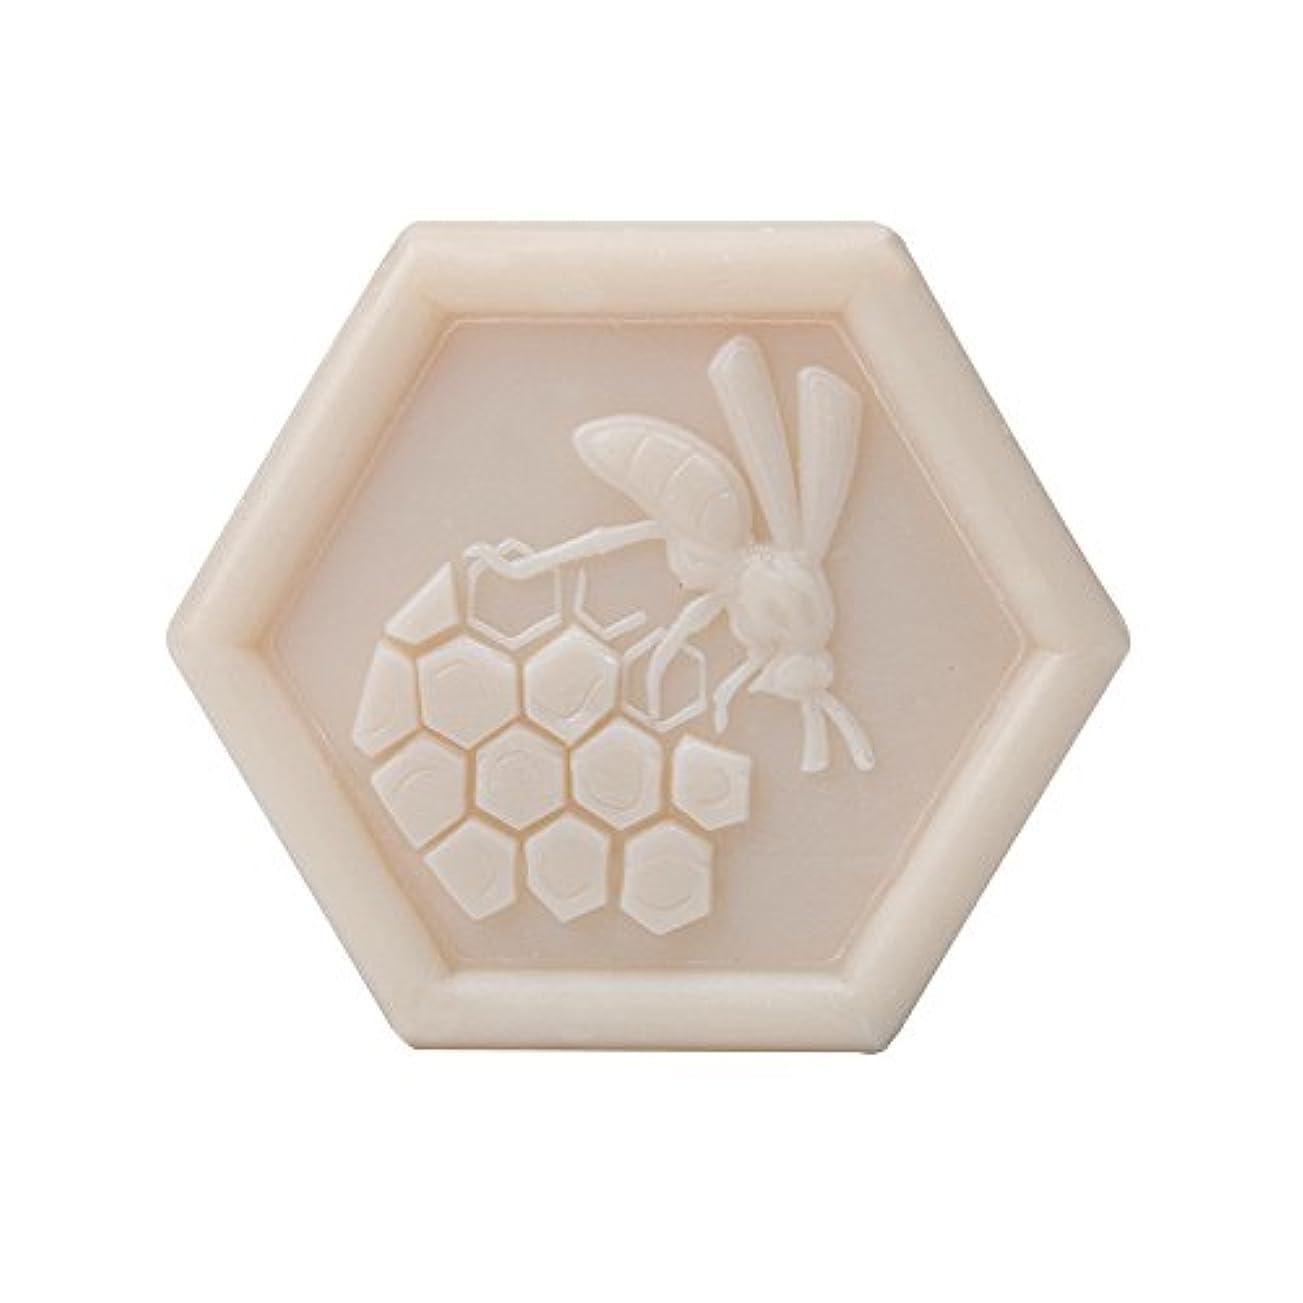 Plantes&Parfums [プランツ&パルファム] ハニーソープ100g アカシア